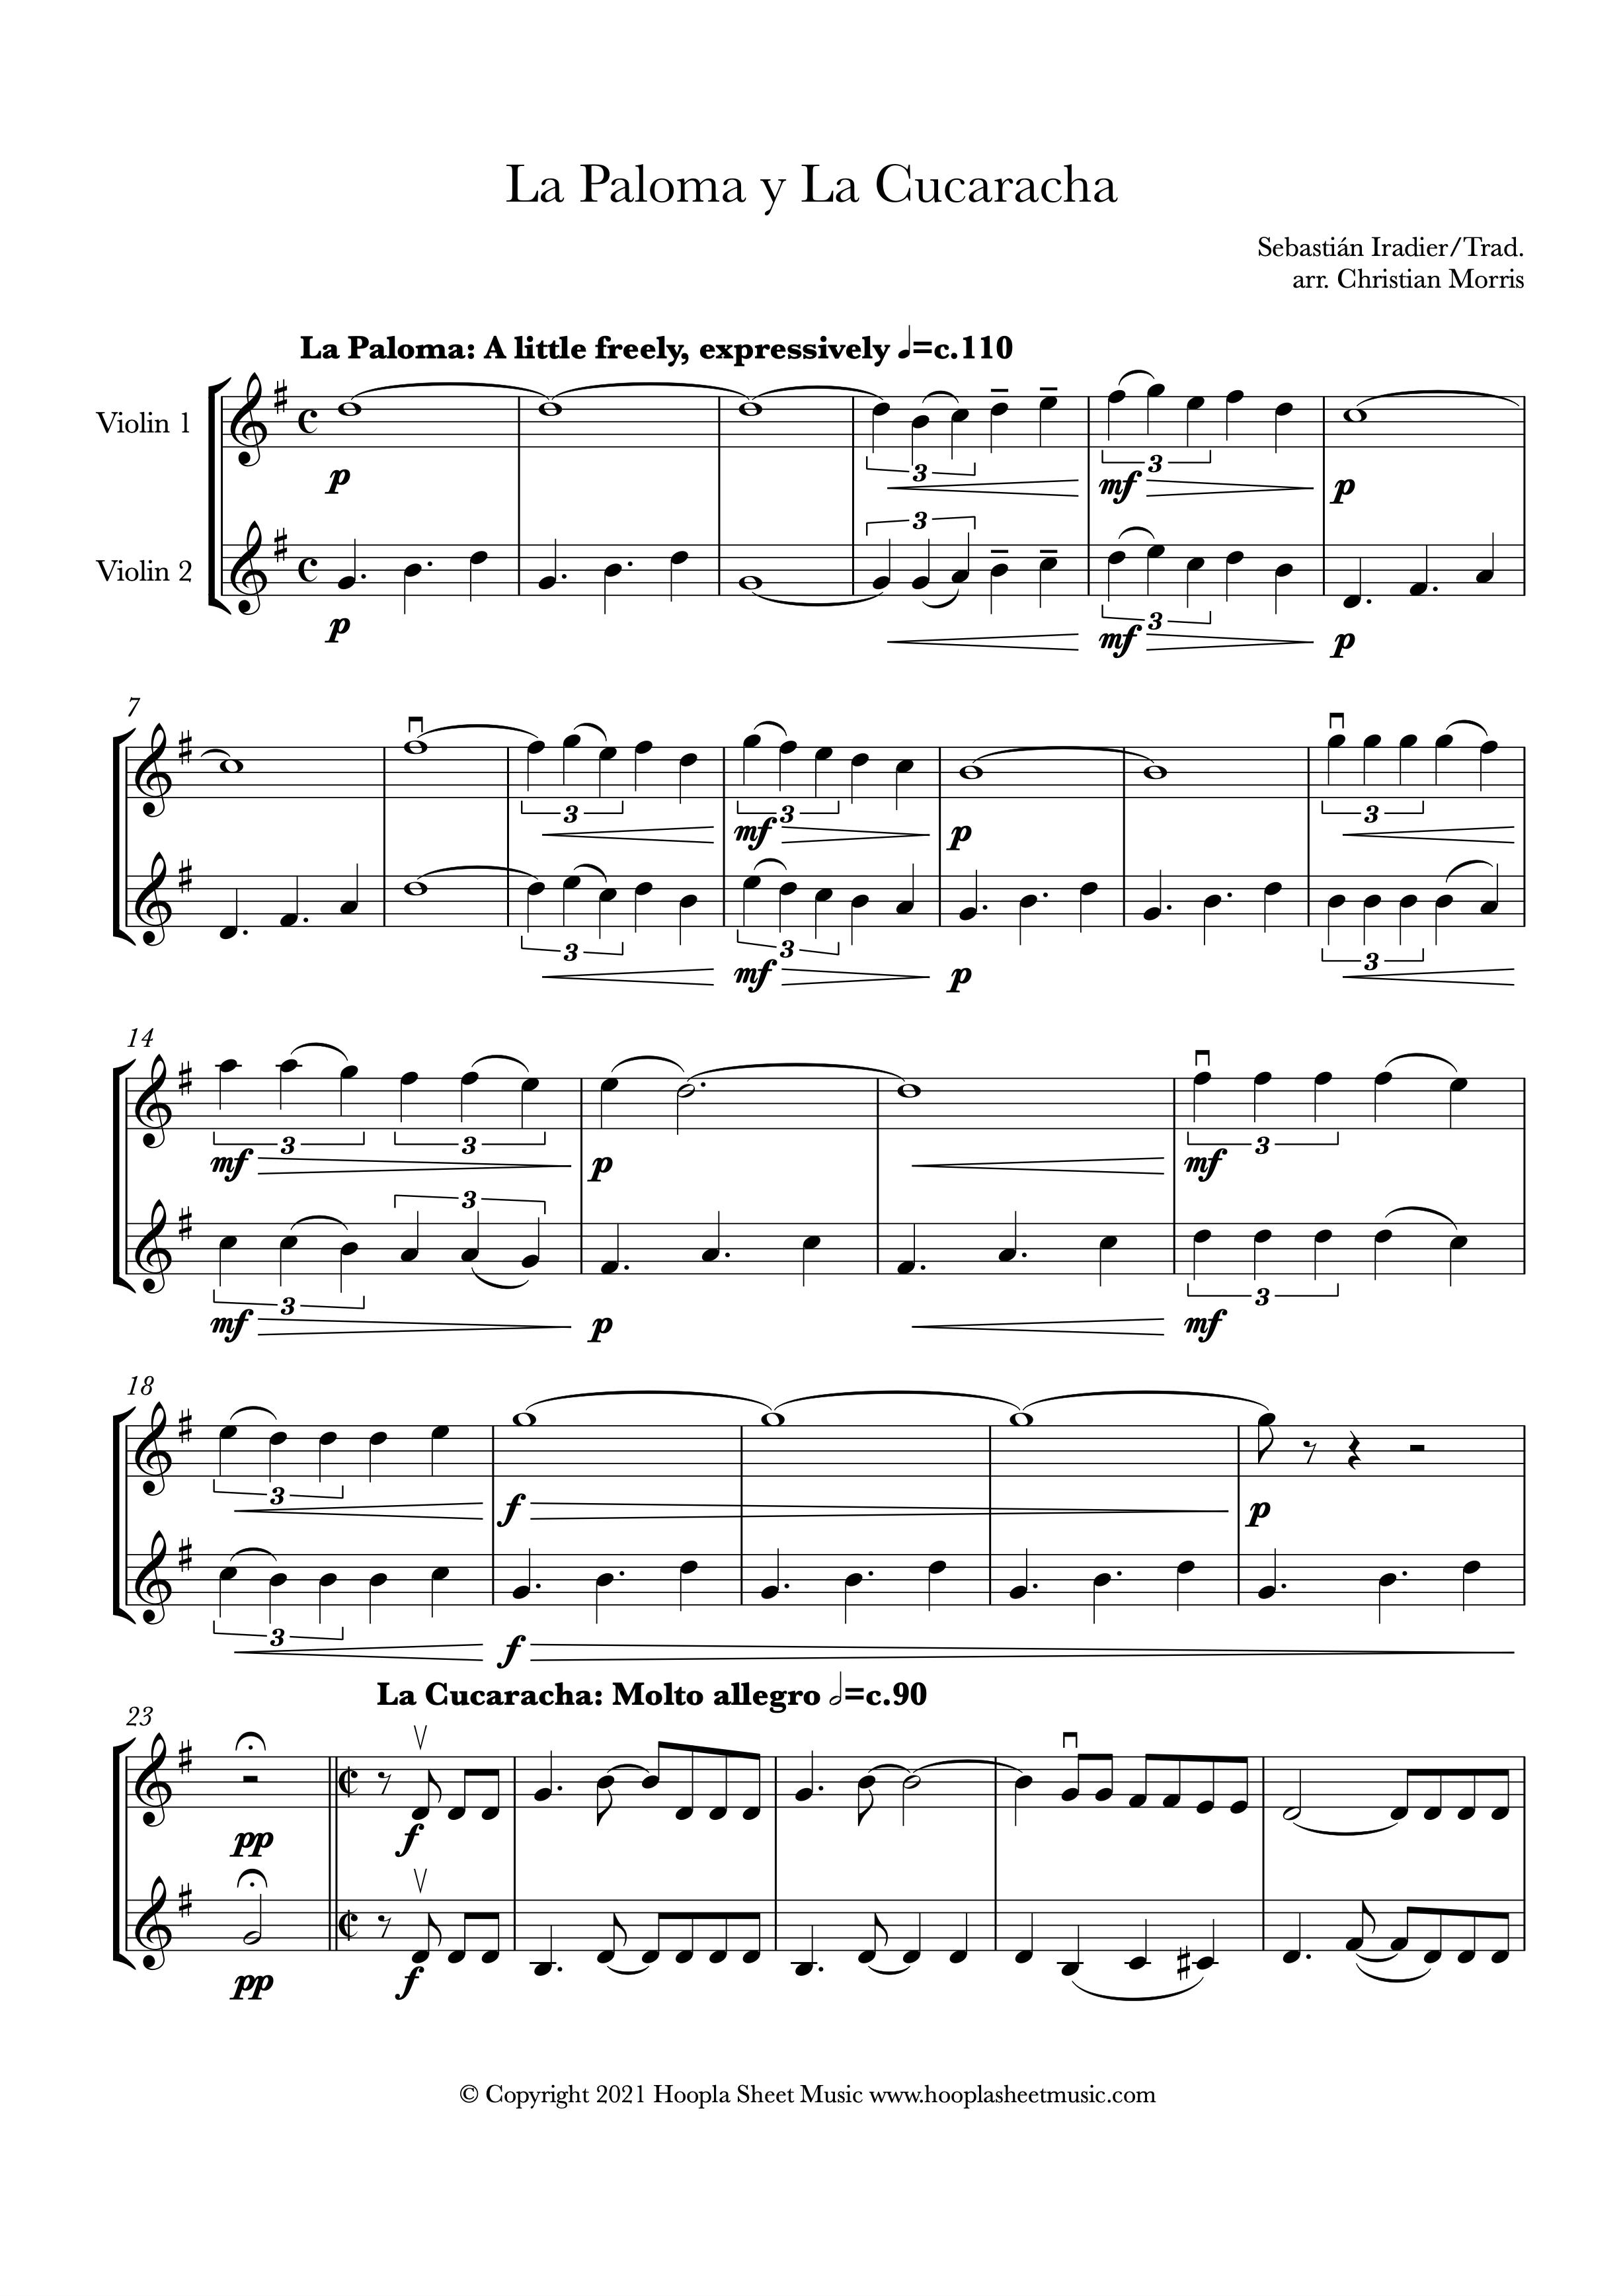 La Paloma y La Cucaracha (Violin Duet)